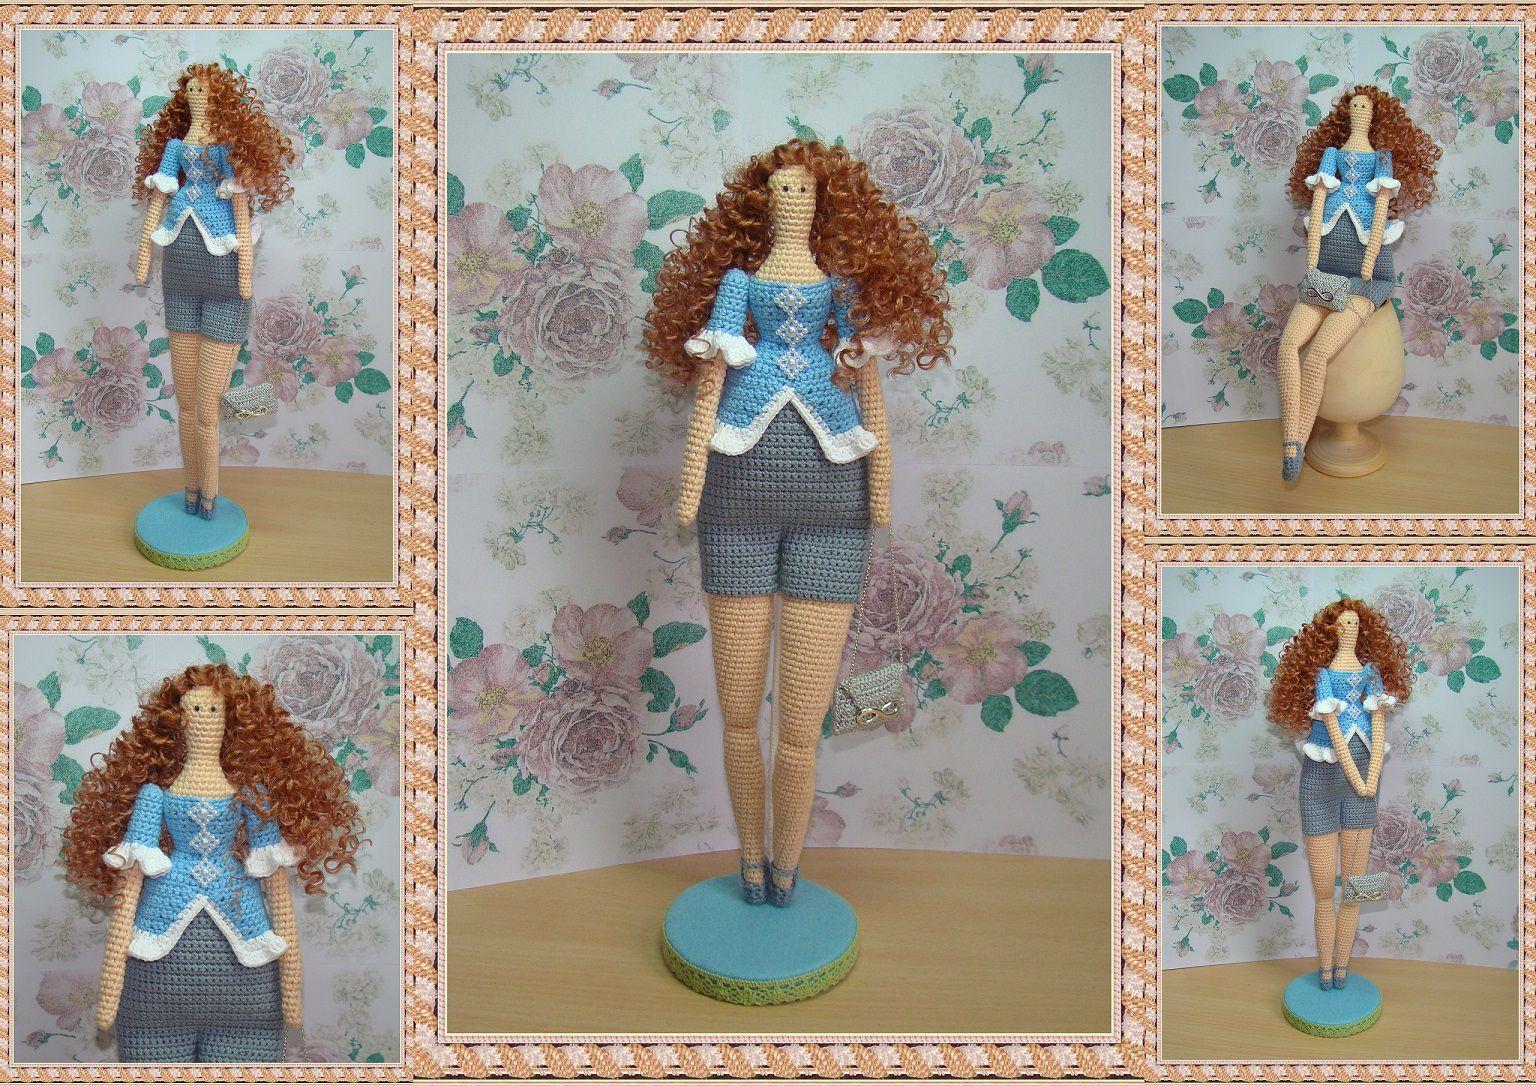 интерьерная авторская игрушка кукла вязание ручнаяработа handmade крючком